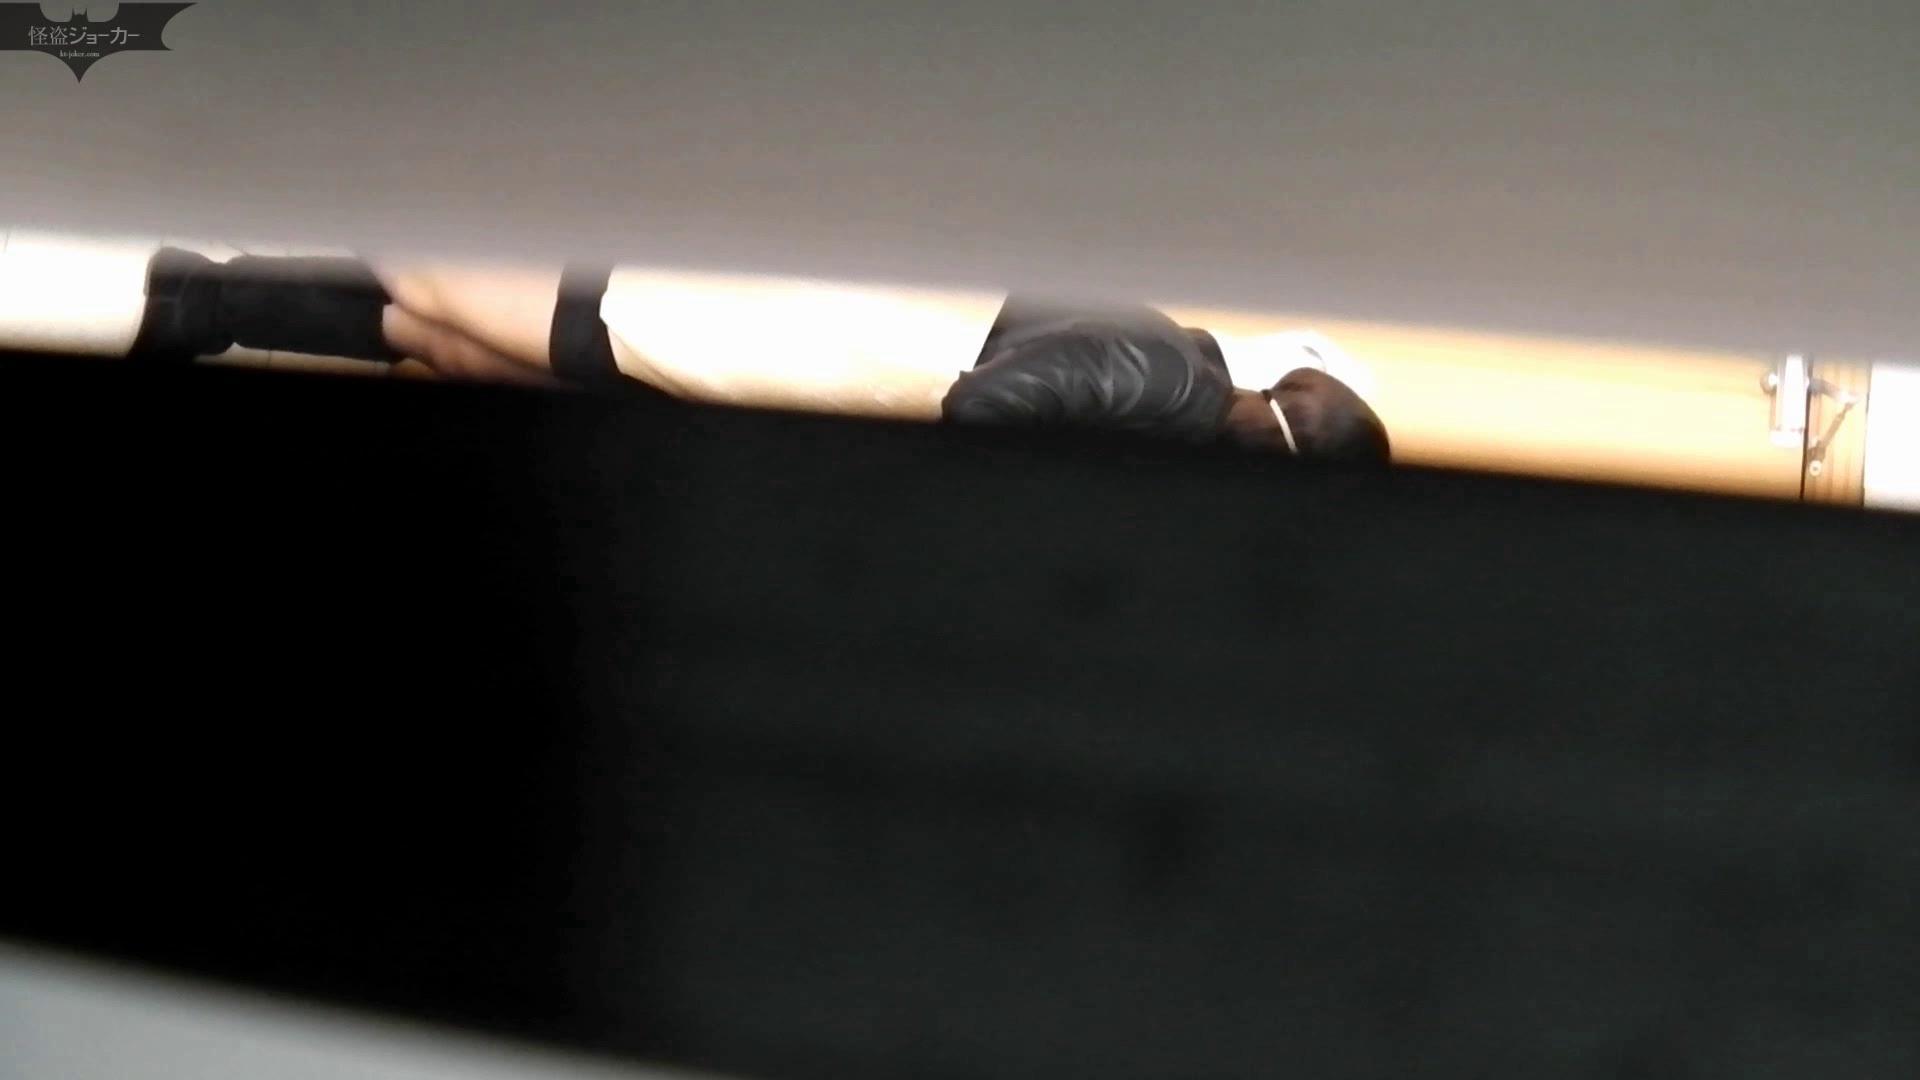 洗面所特攻隊 vol.050 特攻無毛地帯!! 丸見え おまんこ動画流出 85画像 17